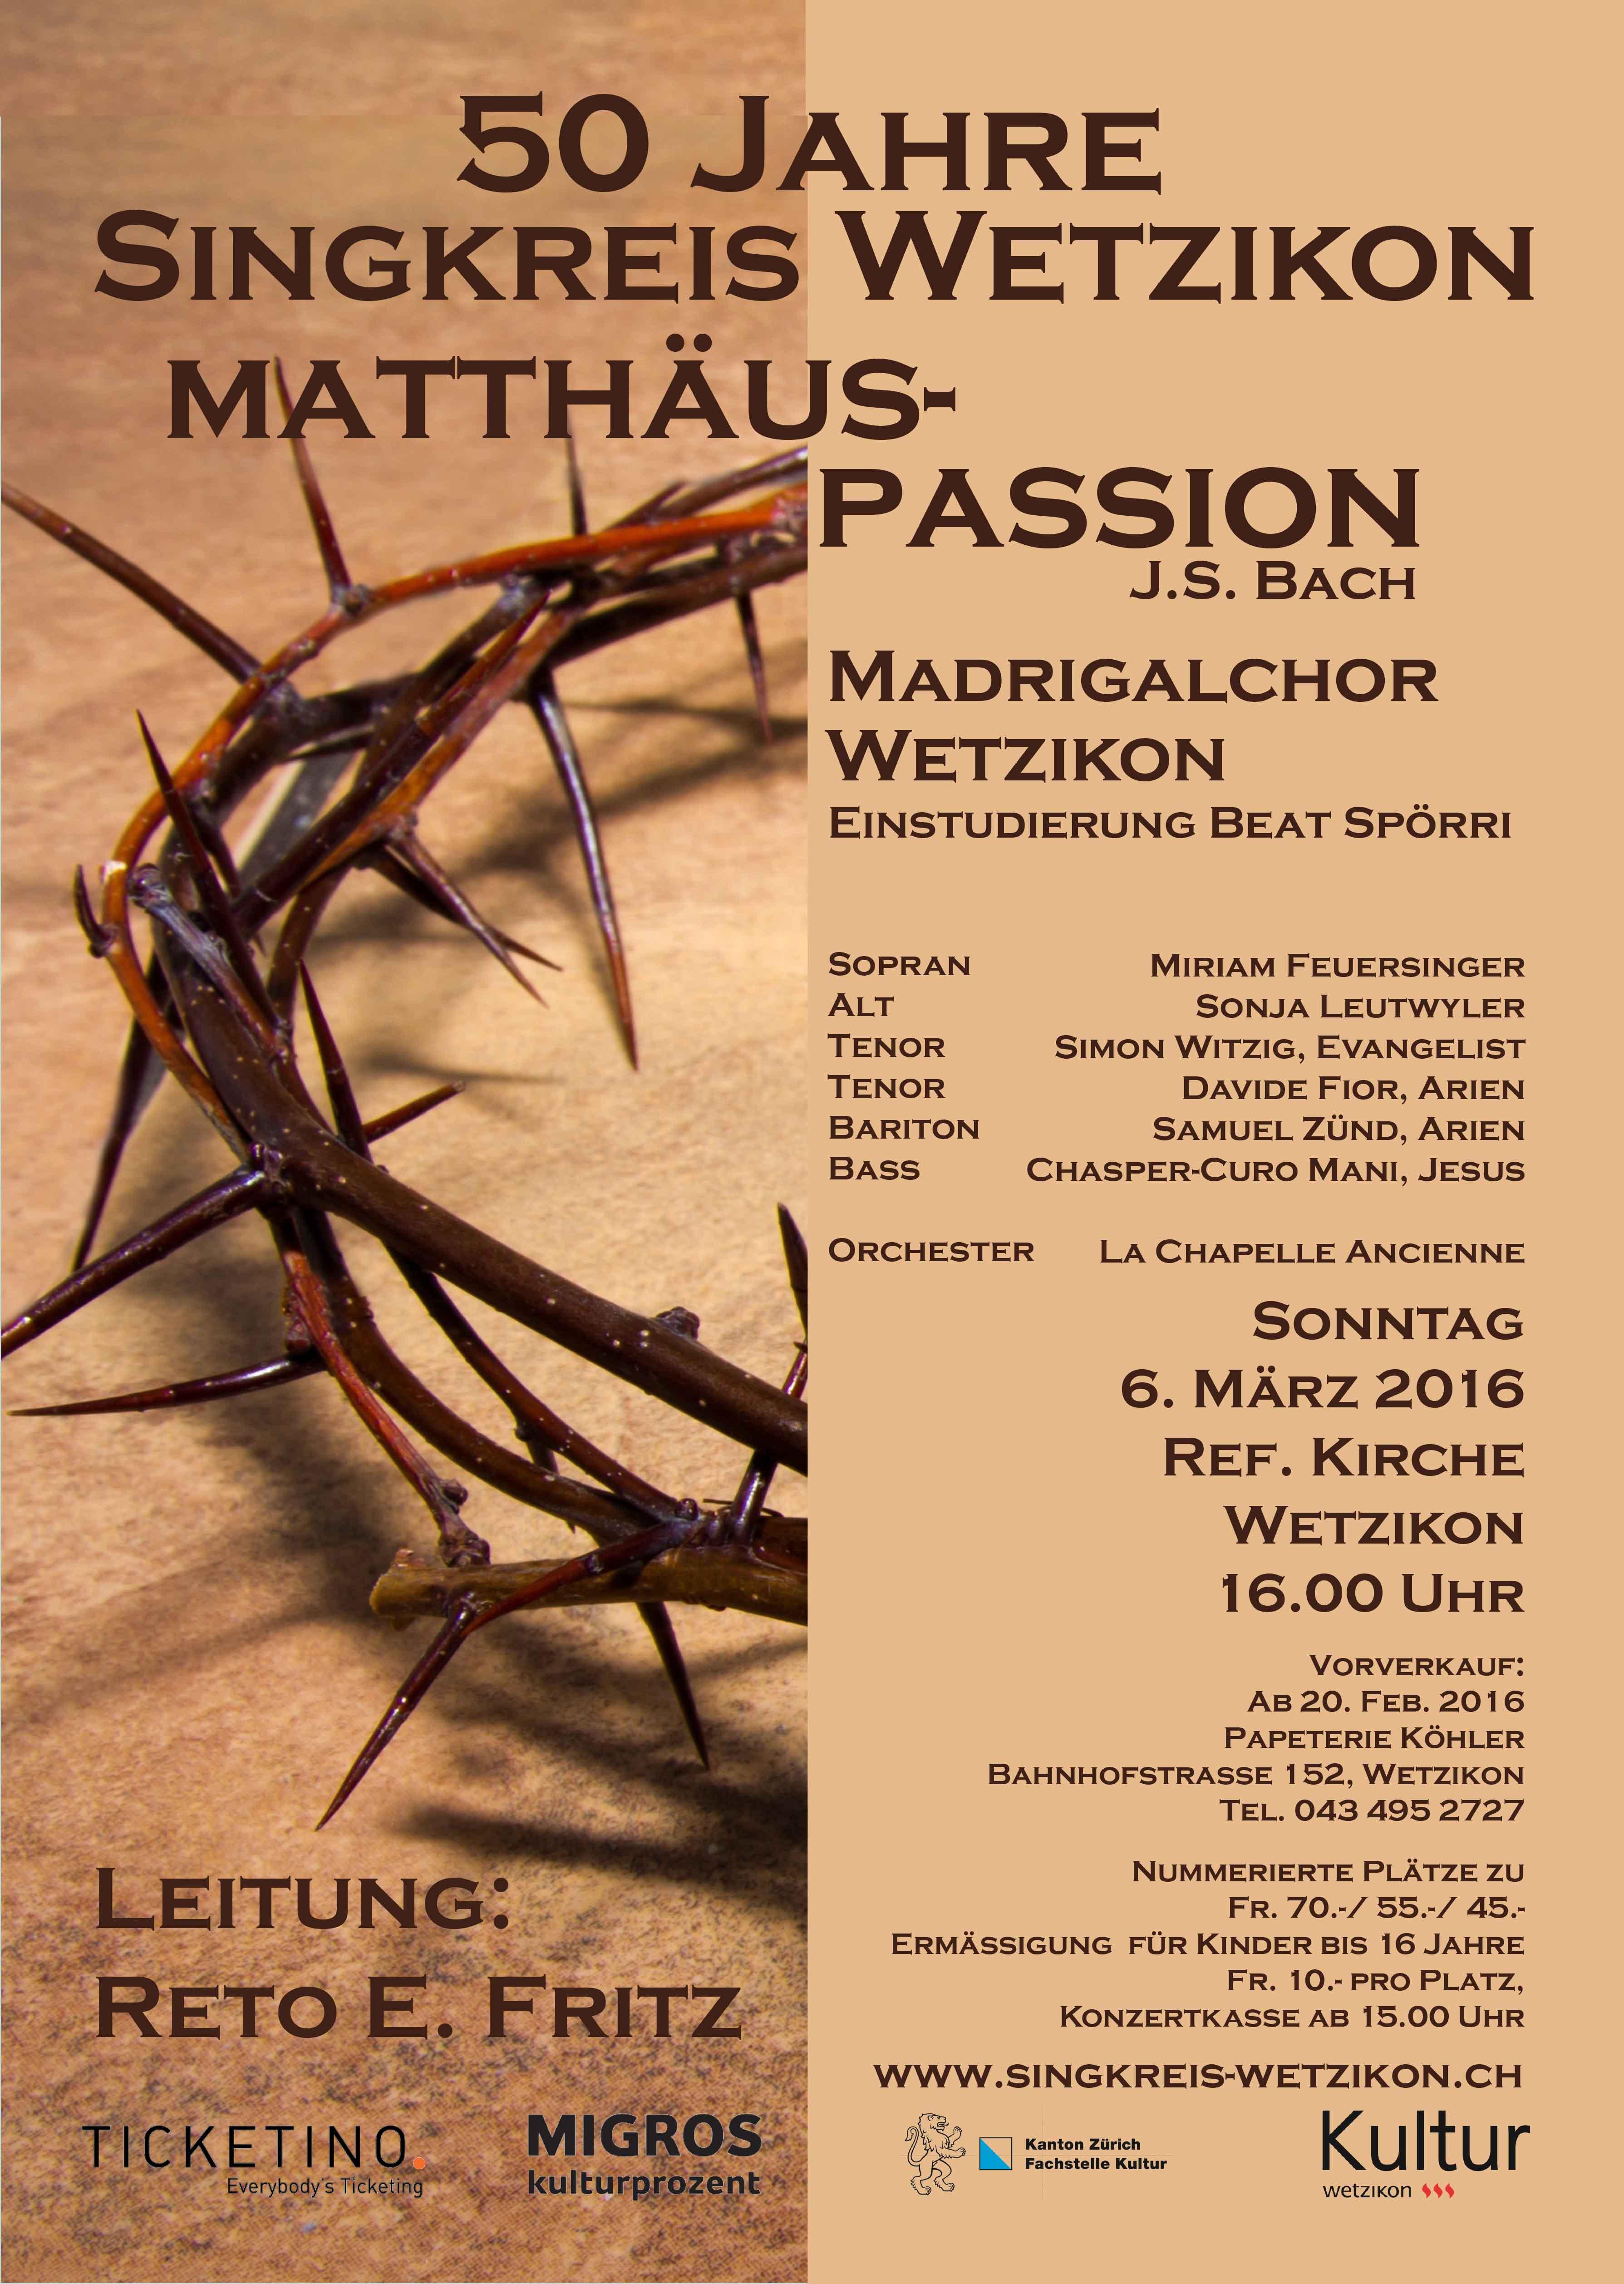 MatthäusPassion 2016